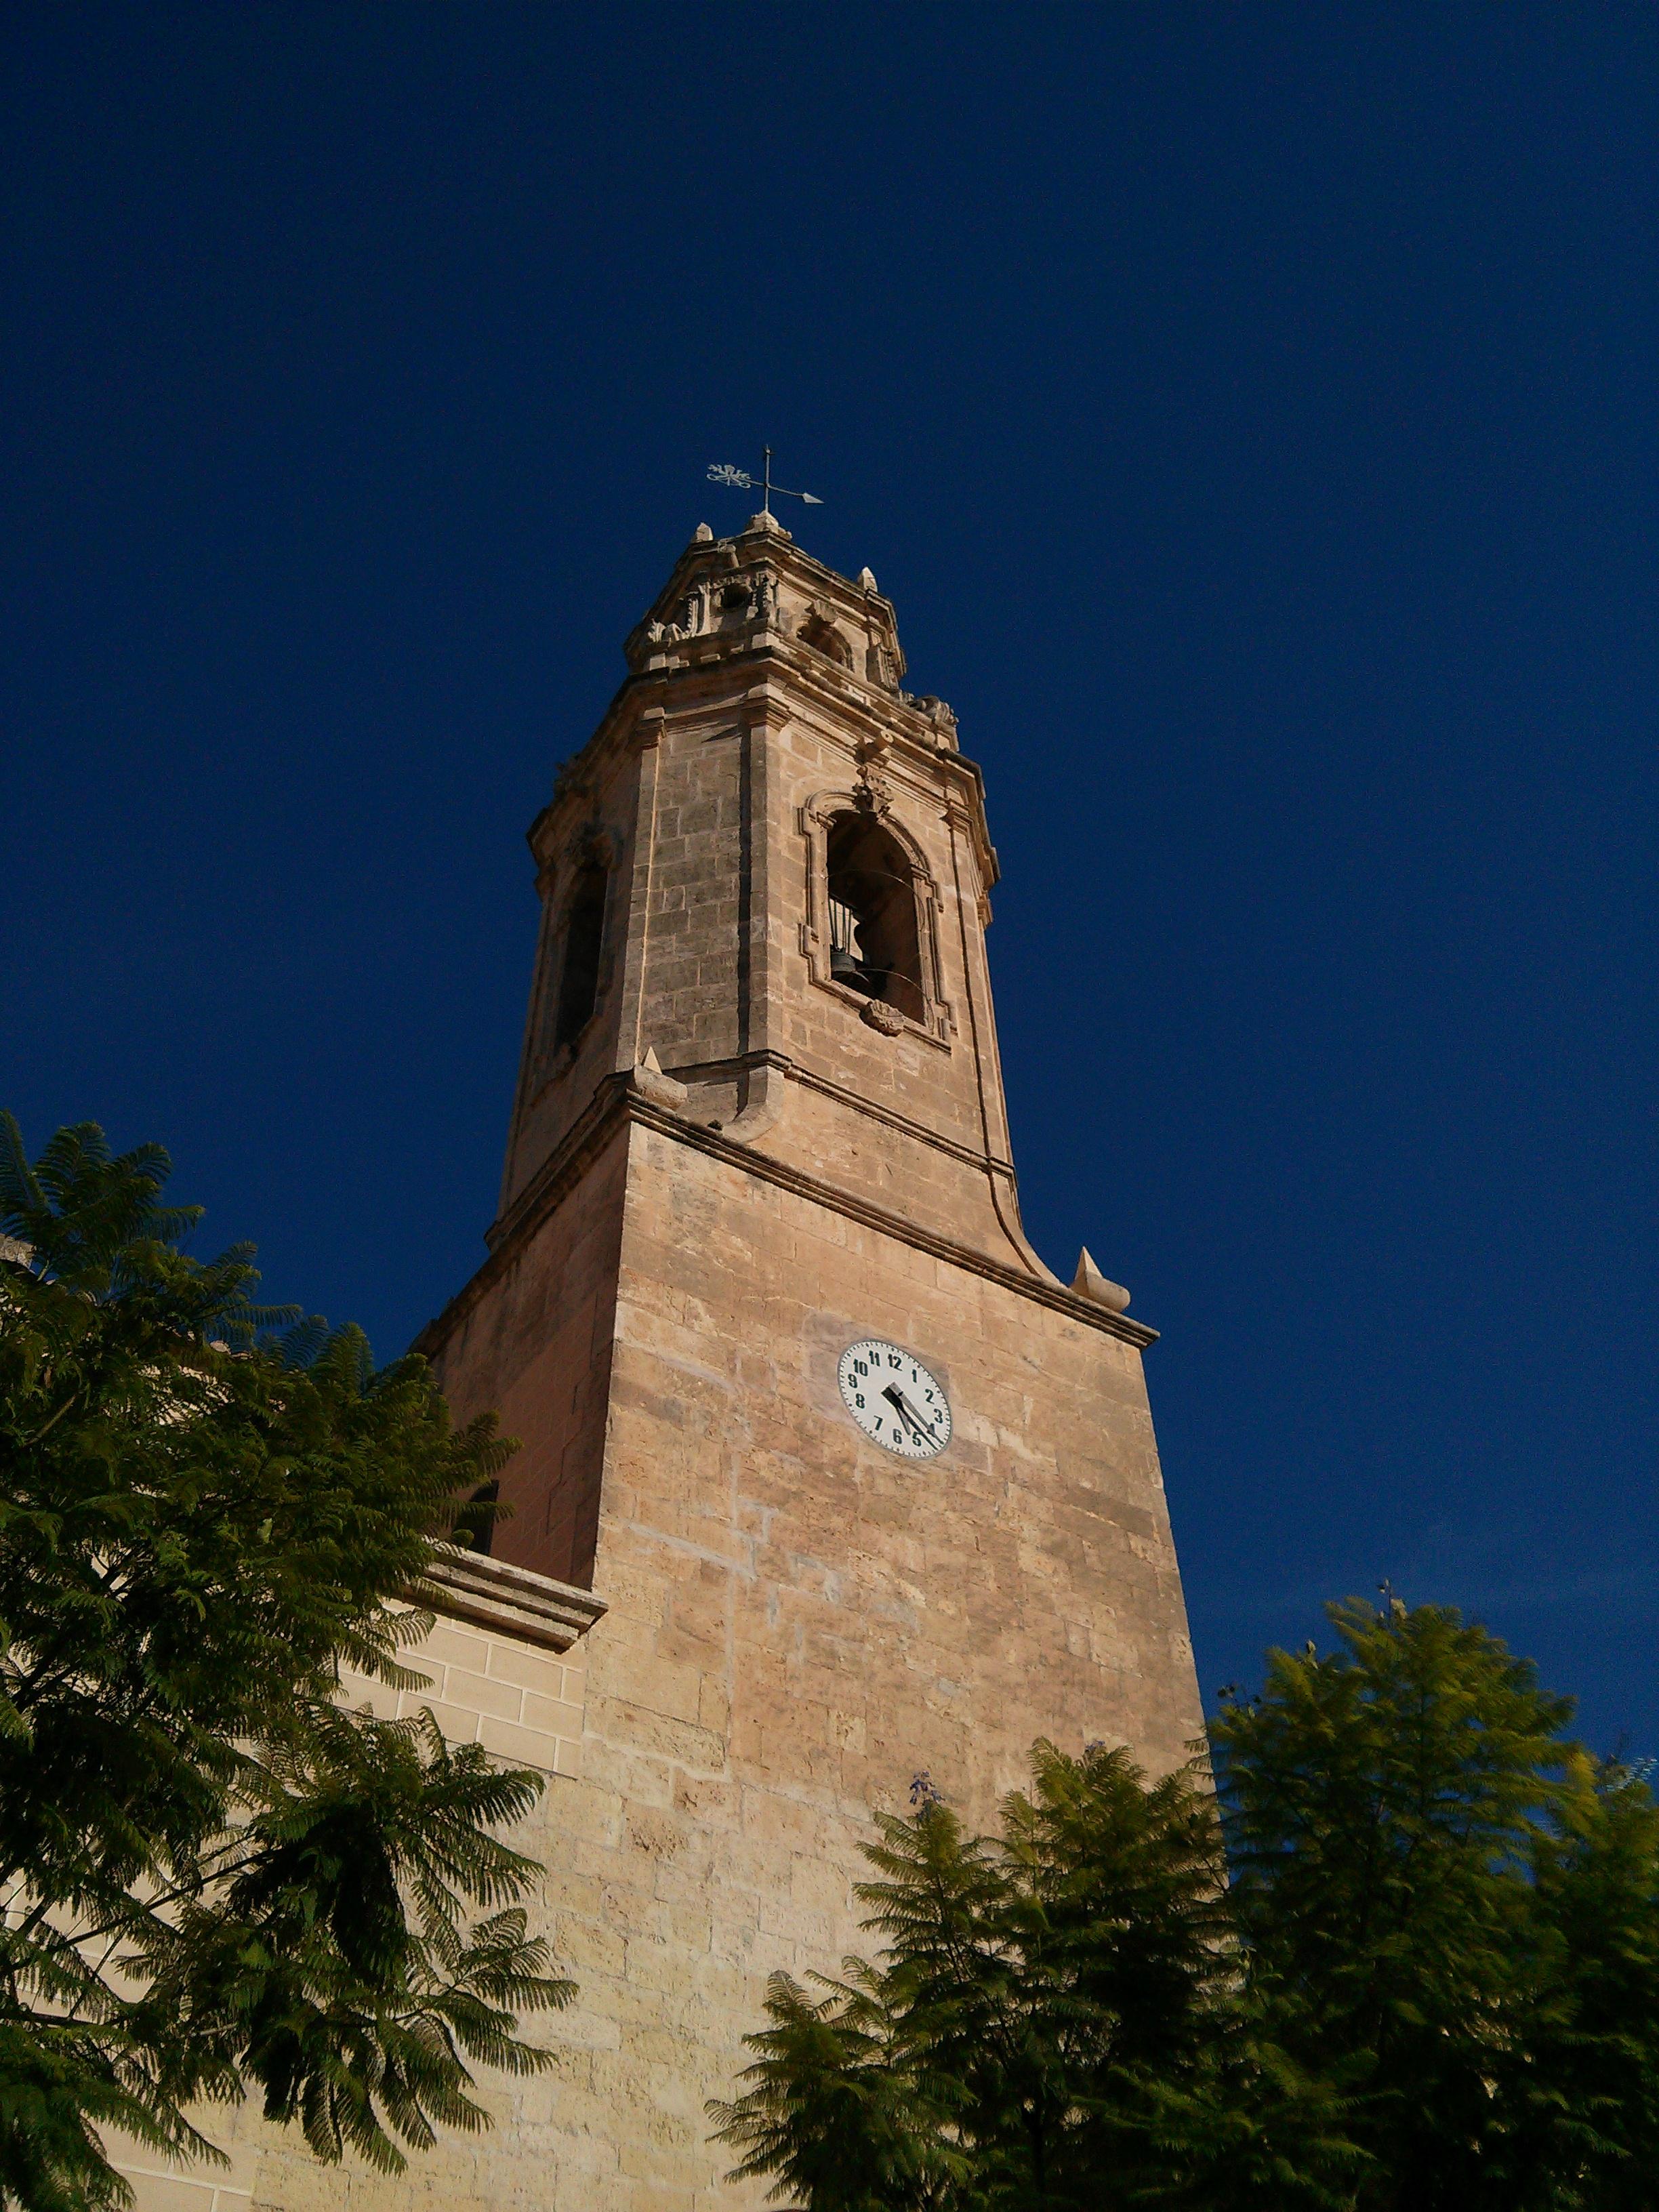 Resultado de imagen de Església Parroquial de Sant Pere torredembarra